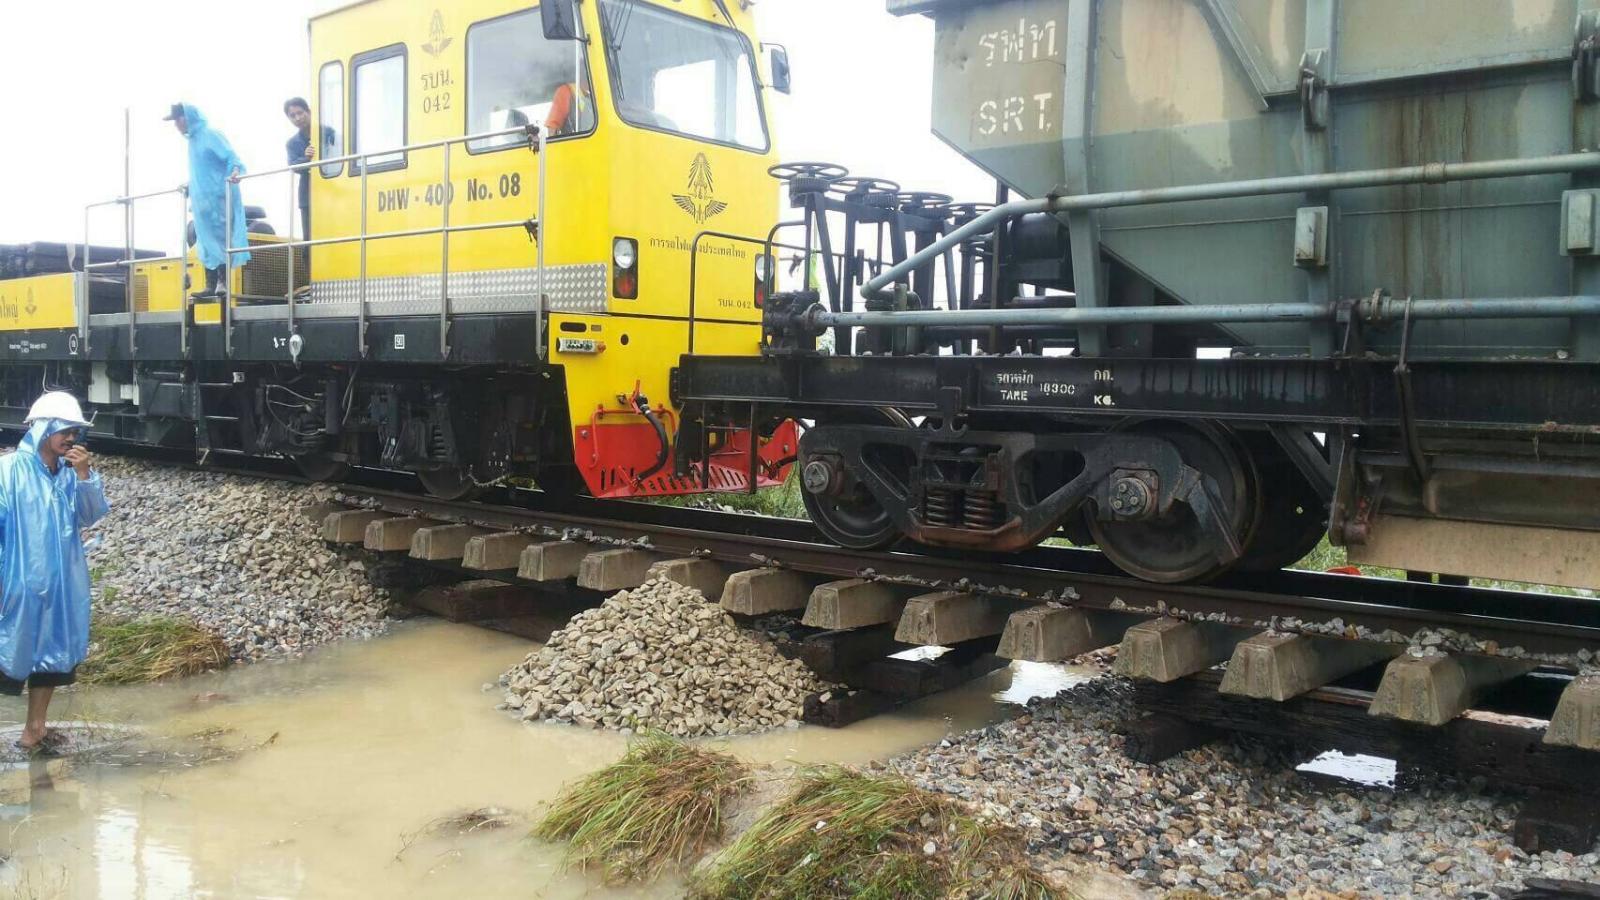 การรถไฟฯ ระดมเจ้าหน้าที่เข้าซ่อมแซมทางที่ชำรุด หลังน้ำท่วมใต้เริ่มคลี่คลาย